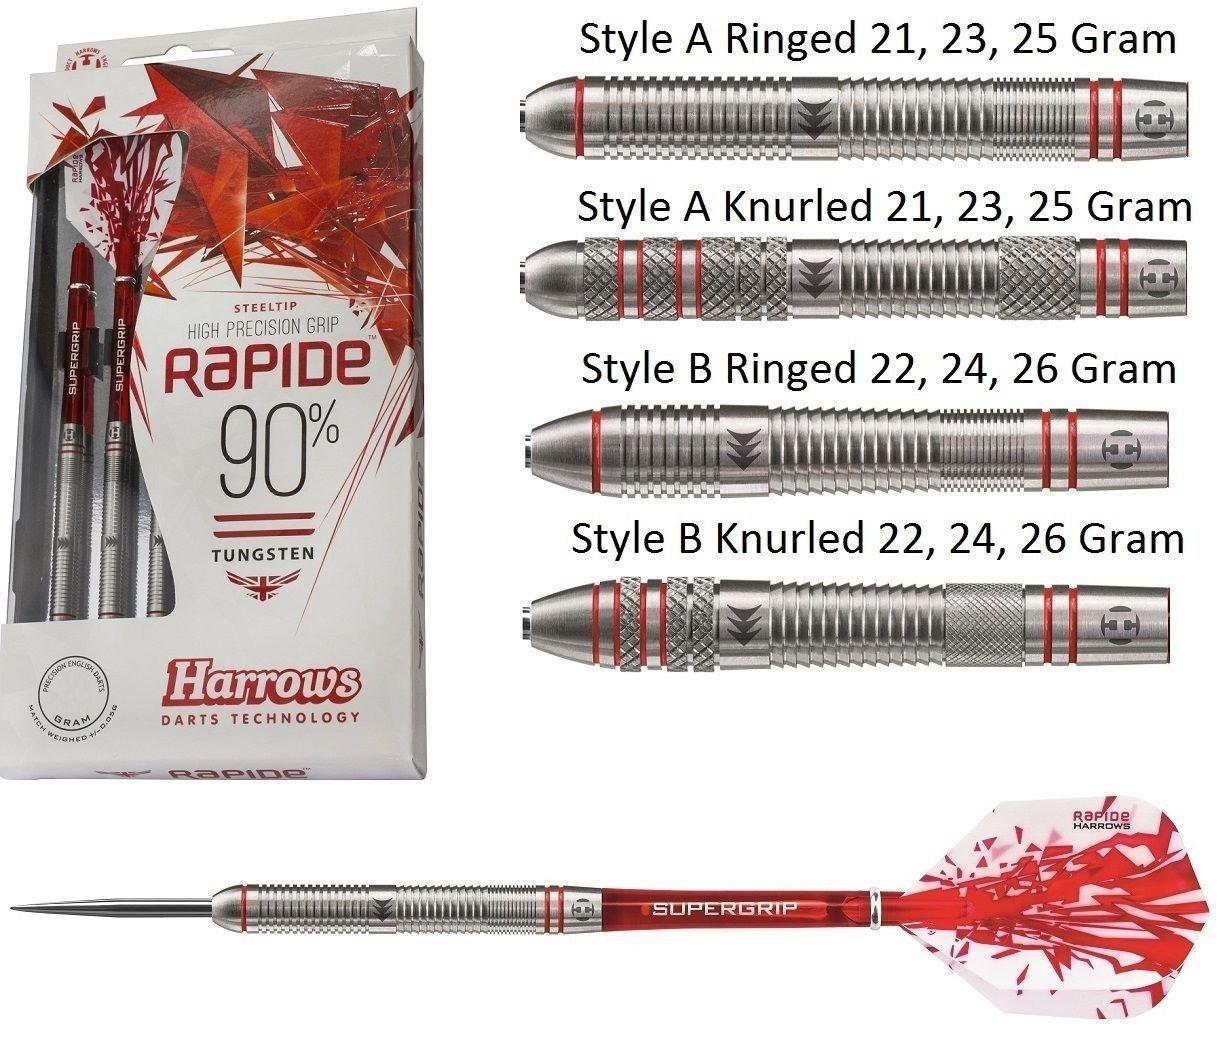 Harrows RAPIDE Darts